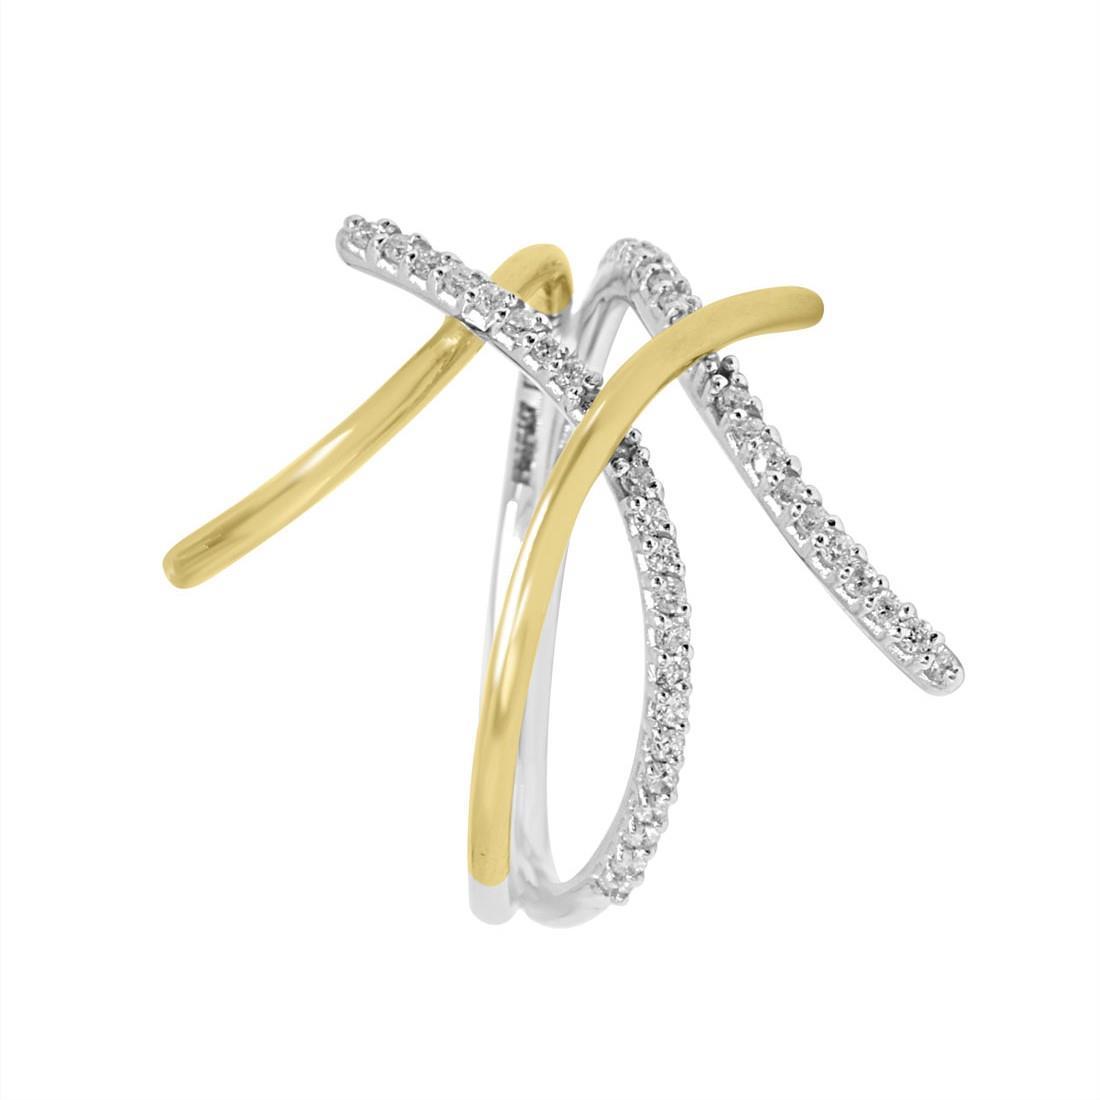 Anello Alfieri & St John in oro bianco e giallo con diamanti ct 0,21 - ALFIERI ST JOHN